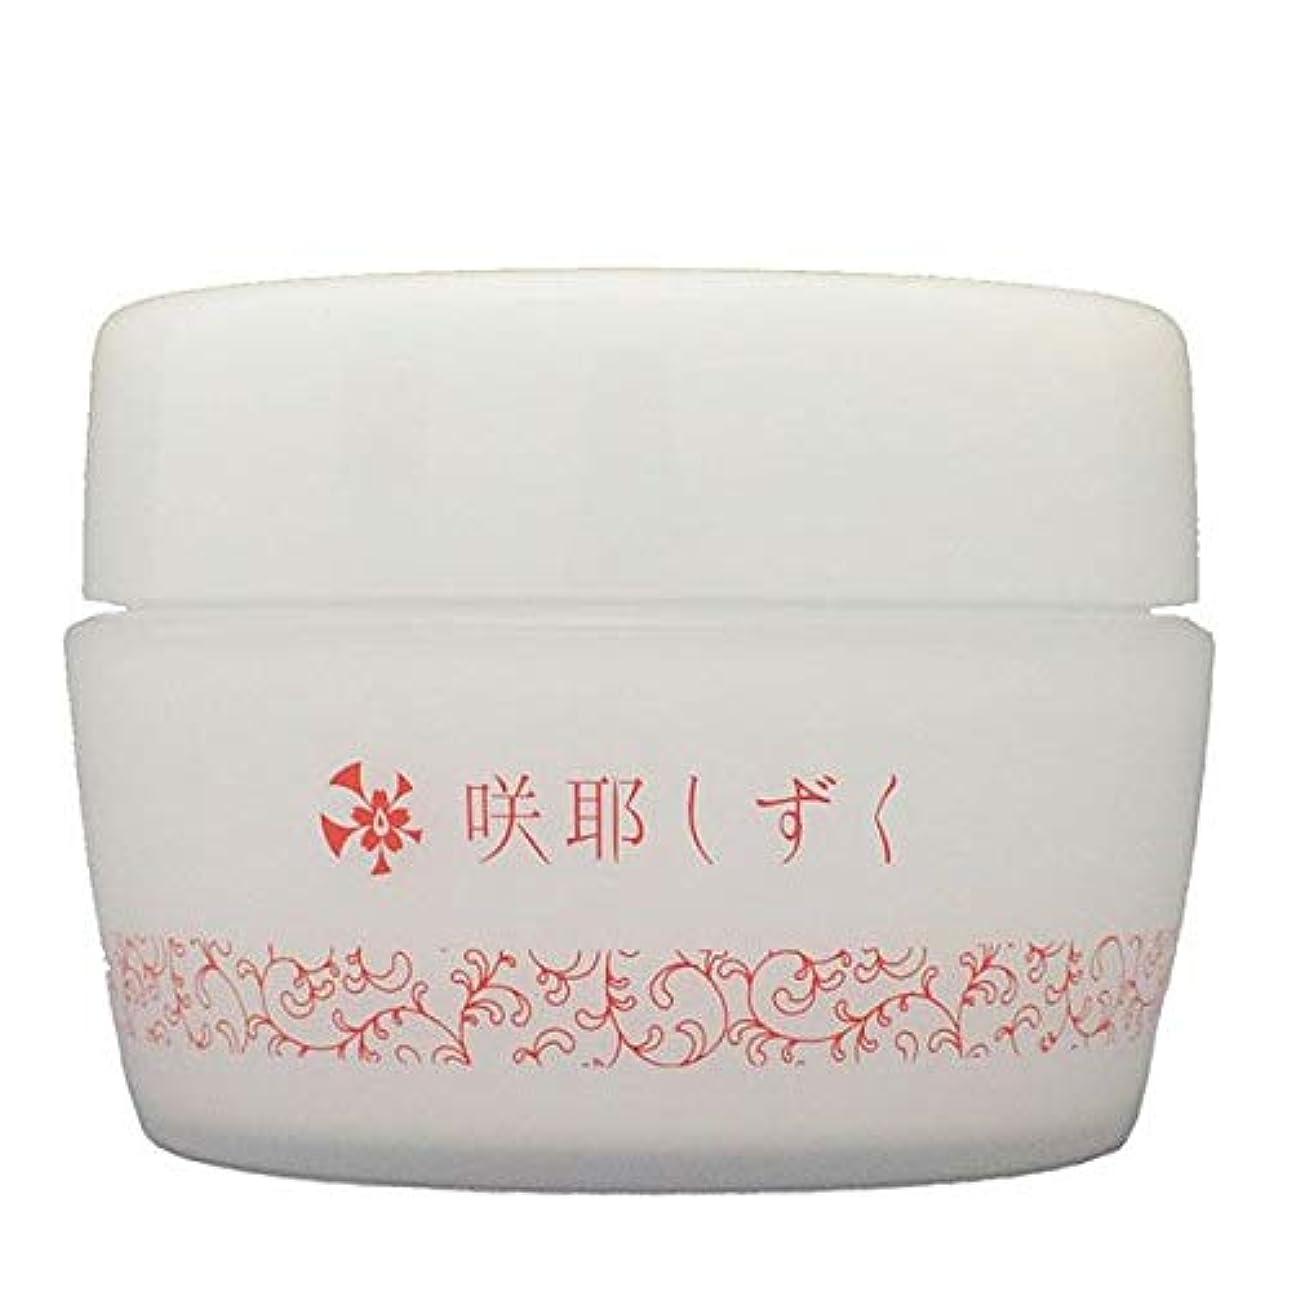 伸ばす運搬高度な咲耶しずく クリーム 乾燥肌 さくやしずく 敏感肌 エムズジャパン M's Japan ms-sge01